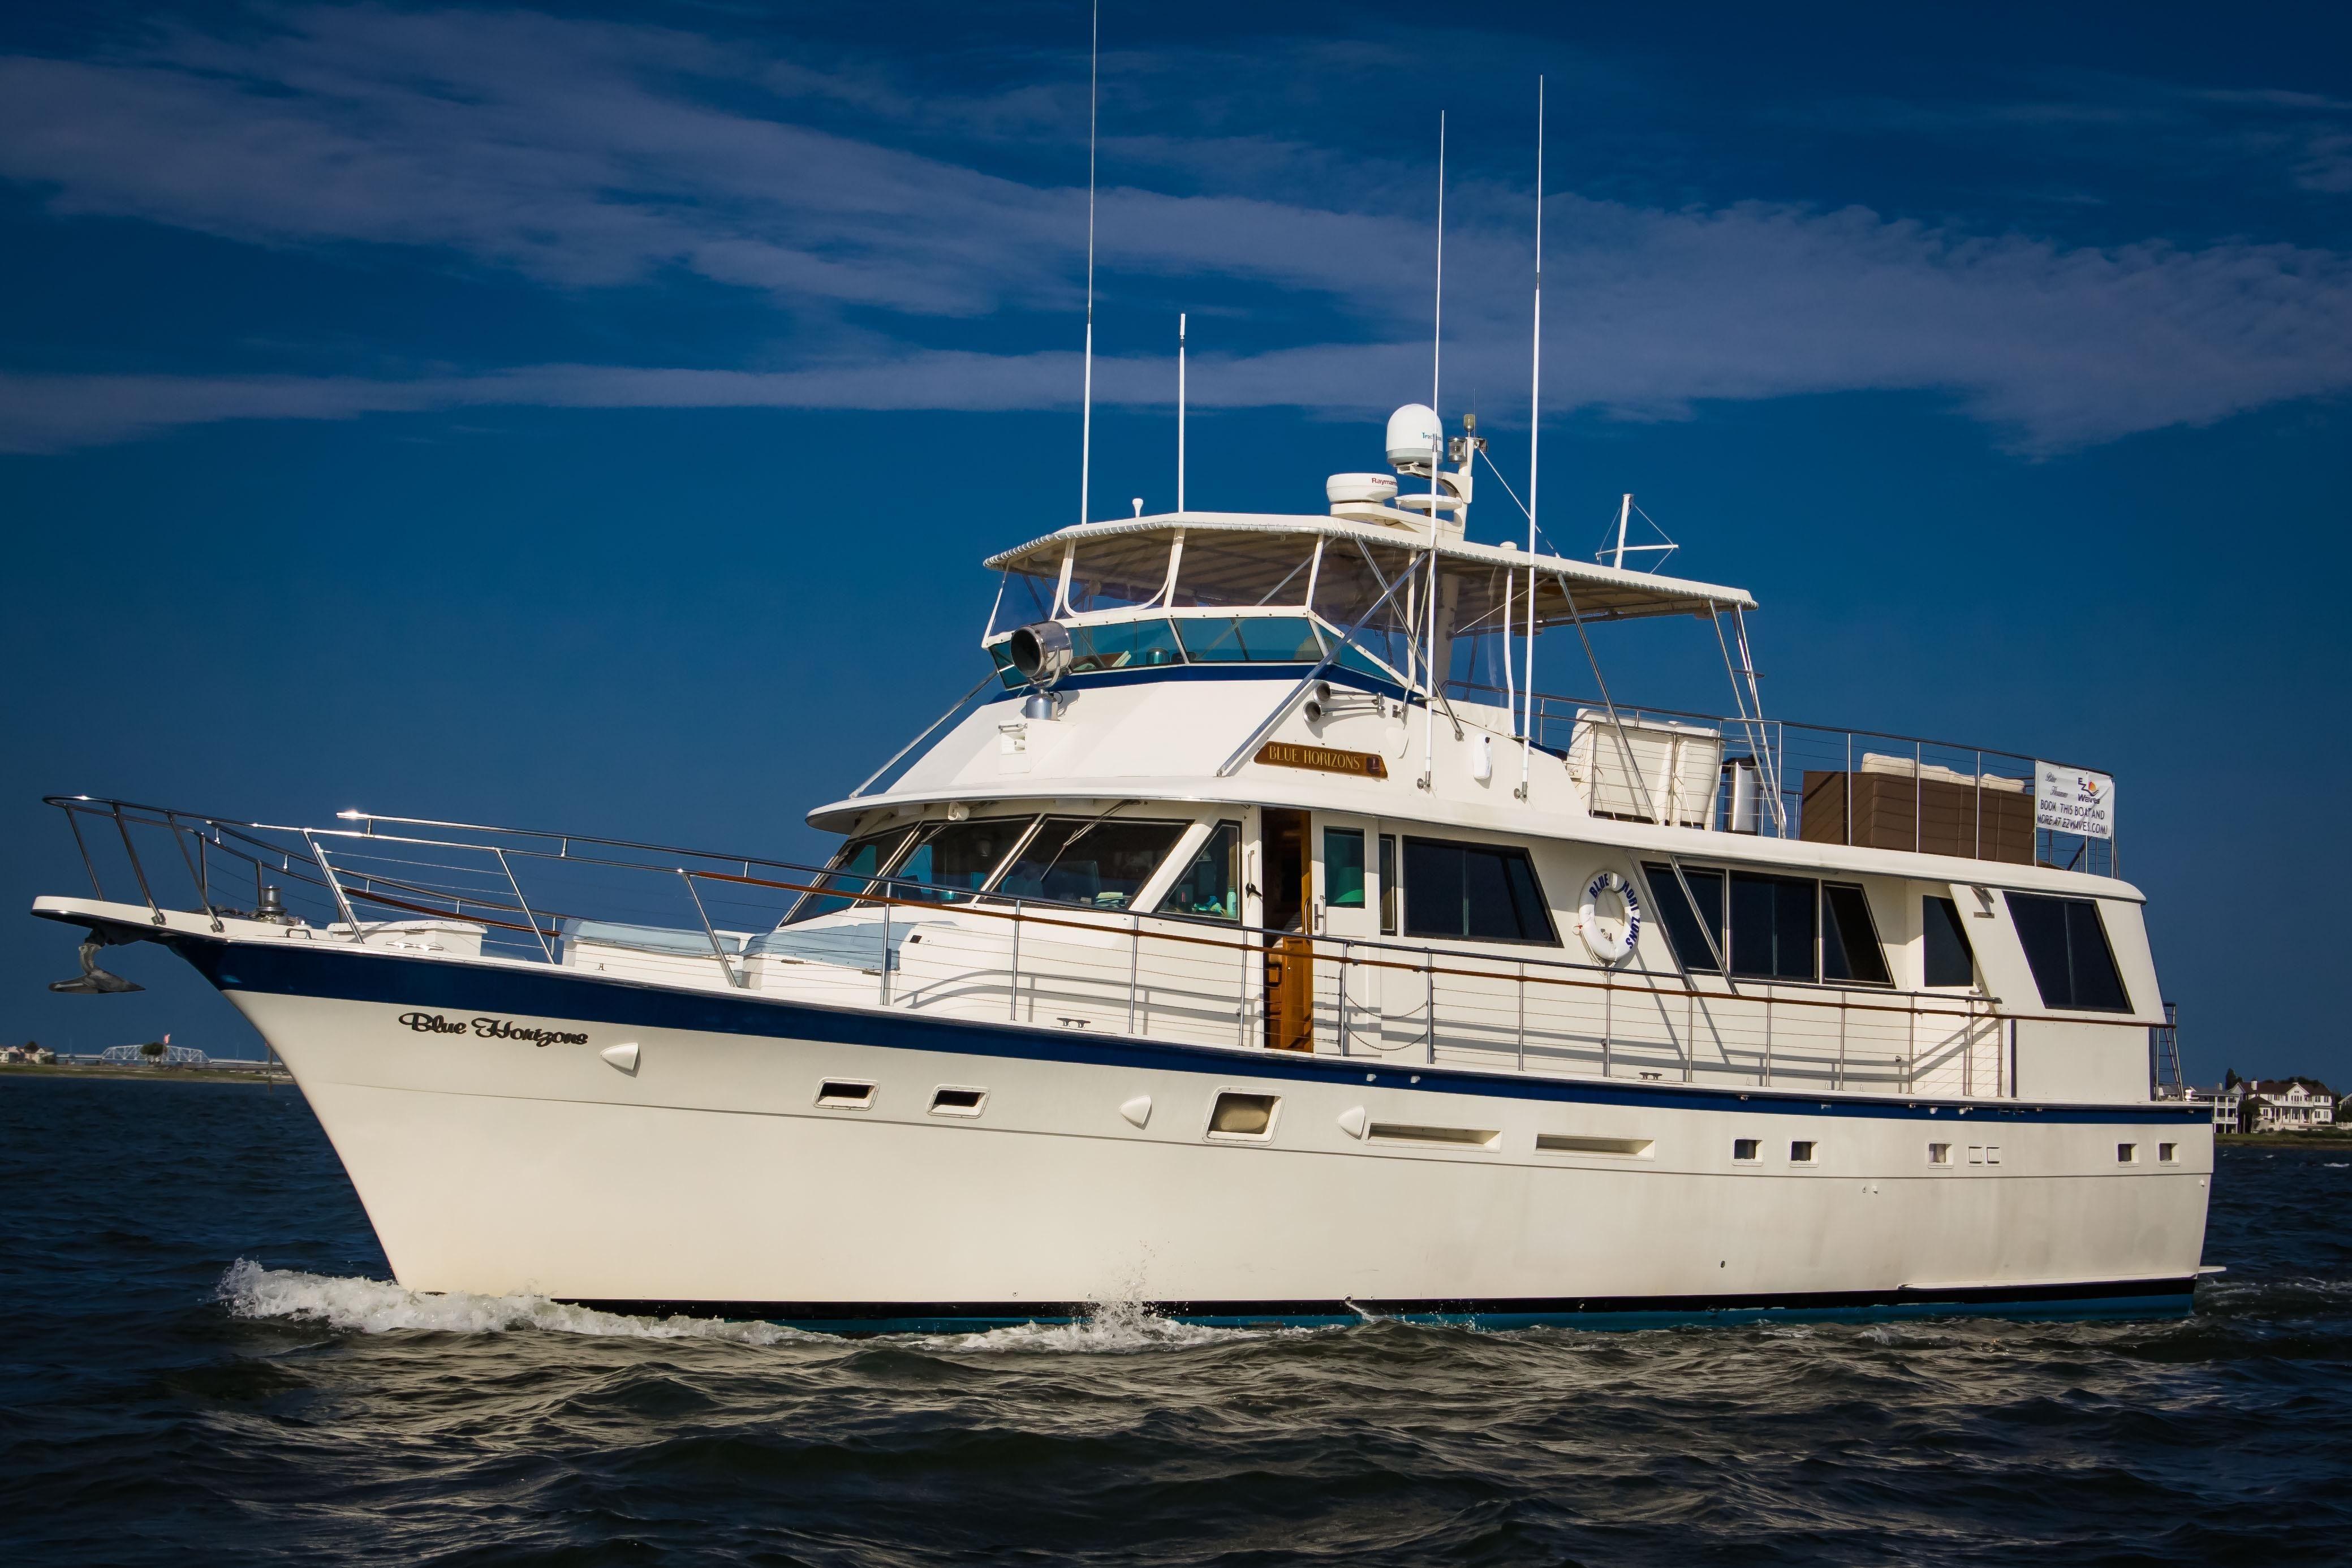 1983 hatteras 70 ft motoryacht power boat for sale www for Boat motors for sale in sc